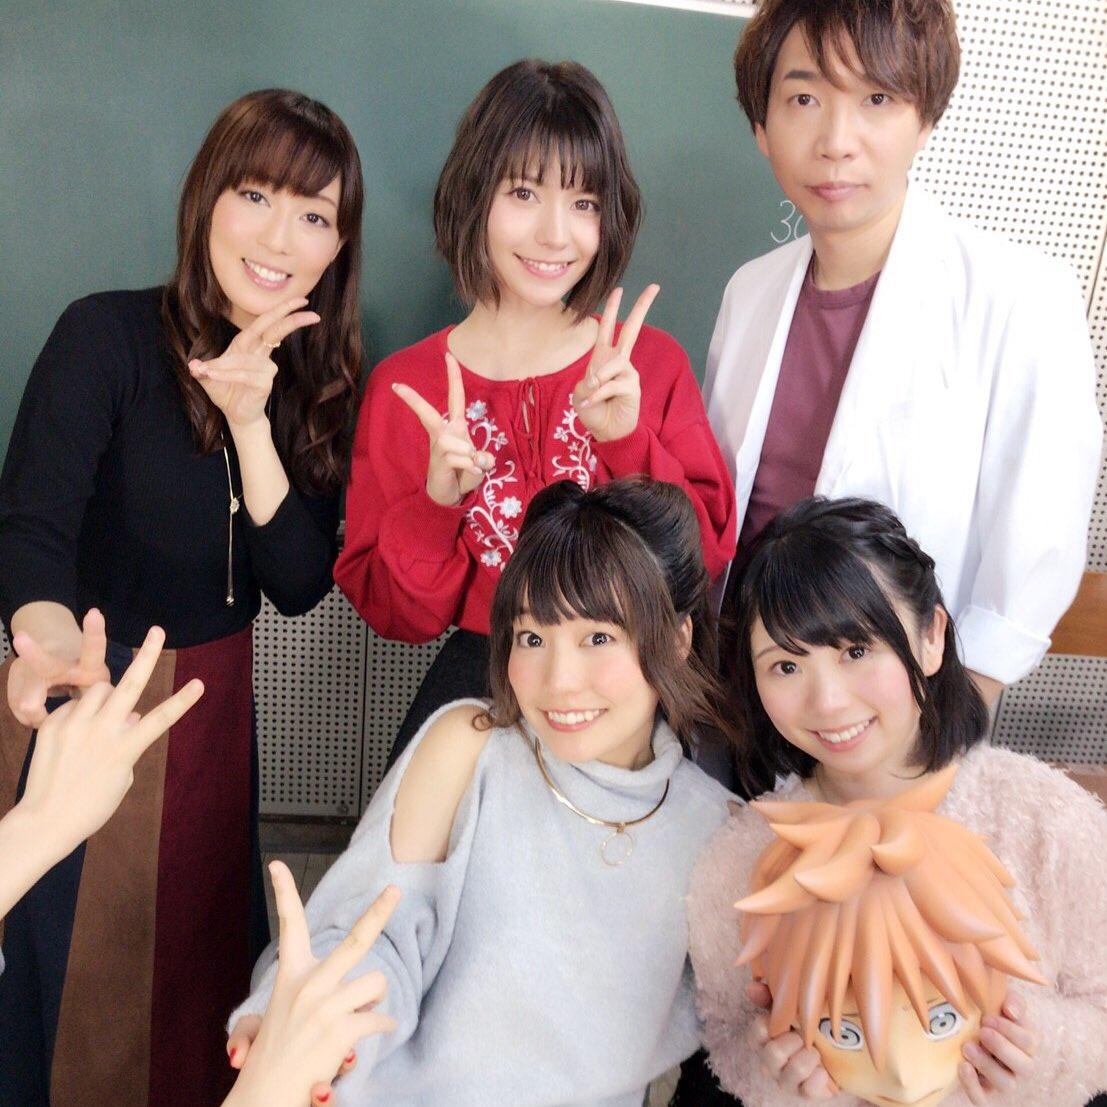 2017年1月7日放送開始のTVアニメ「亜人ちゃんは語りたい」のキャスト発表LINELIVEがありました!小鳥遊ひまり役